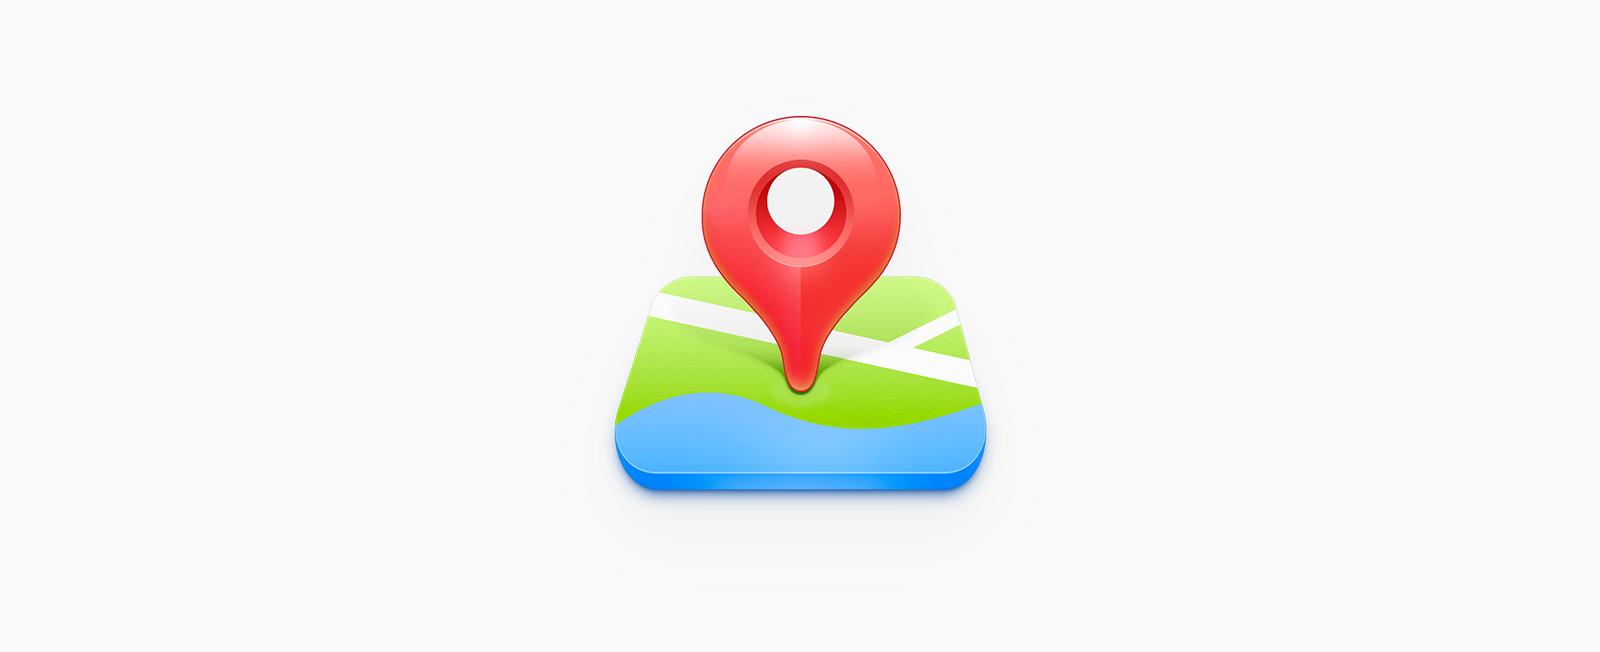 مزایای ثبت مکان در نقشه گوگل یا گوگل مپ چیست؟